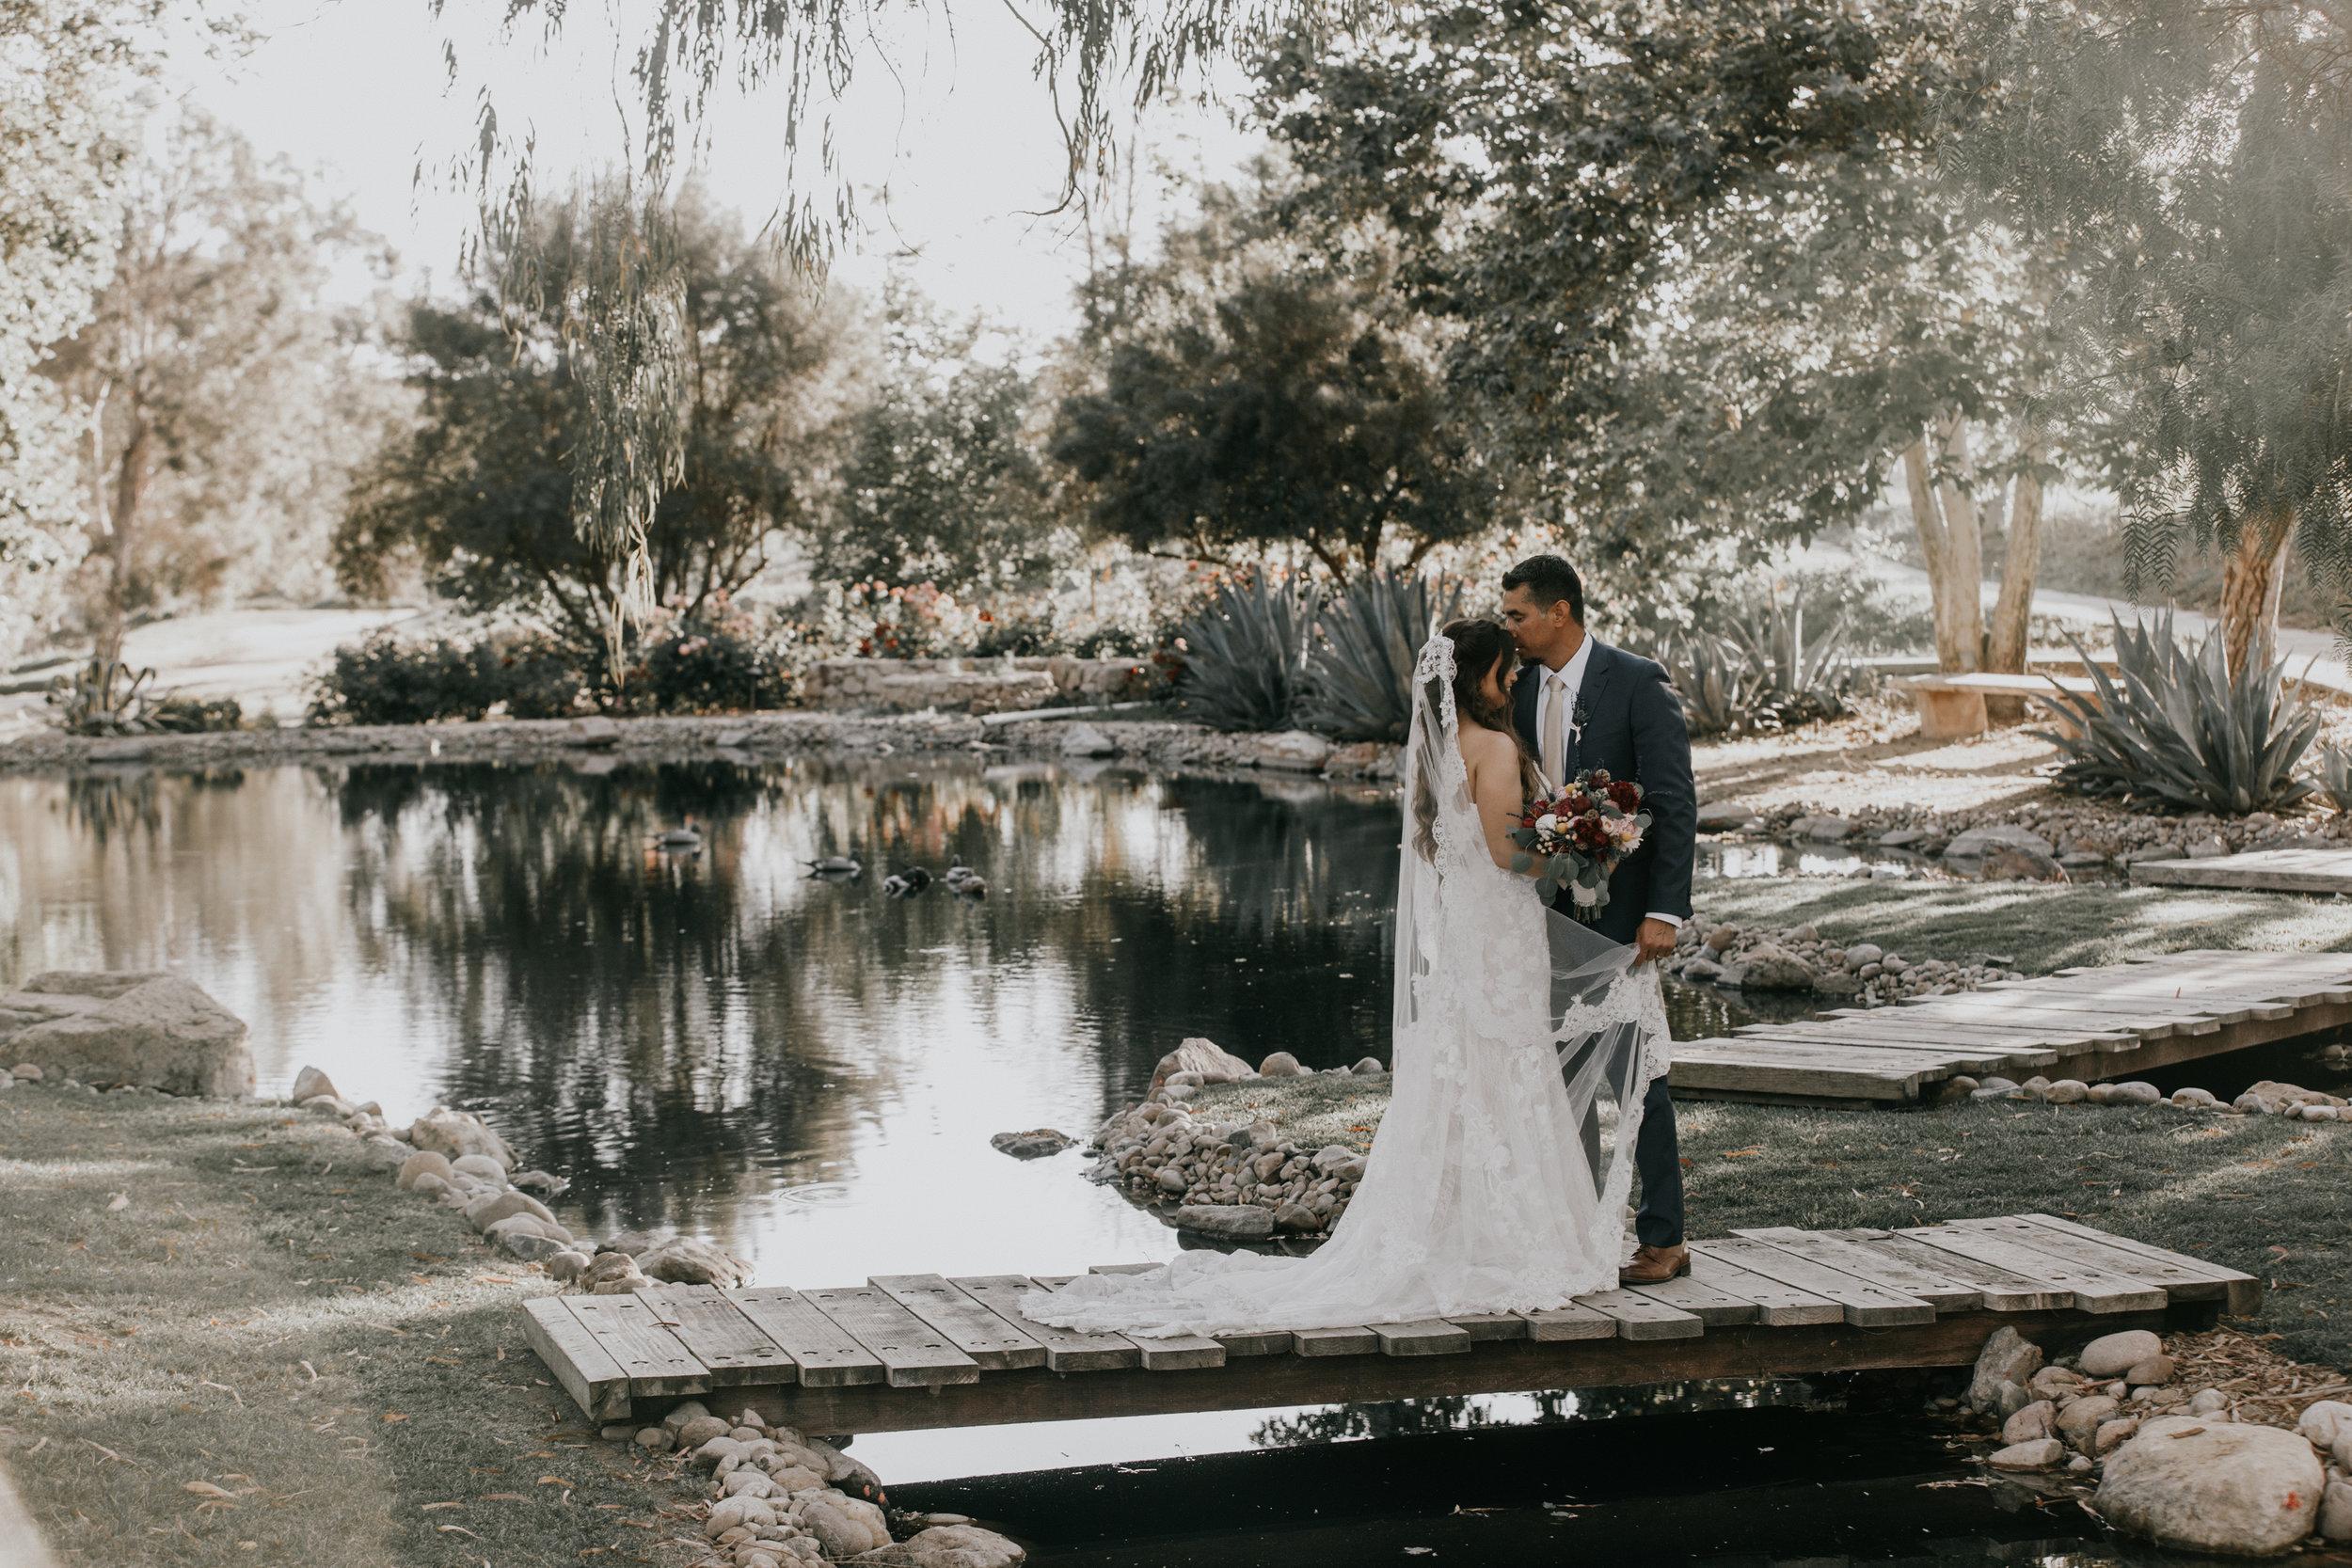 TopweddingphotographersinCalifornia.jpg